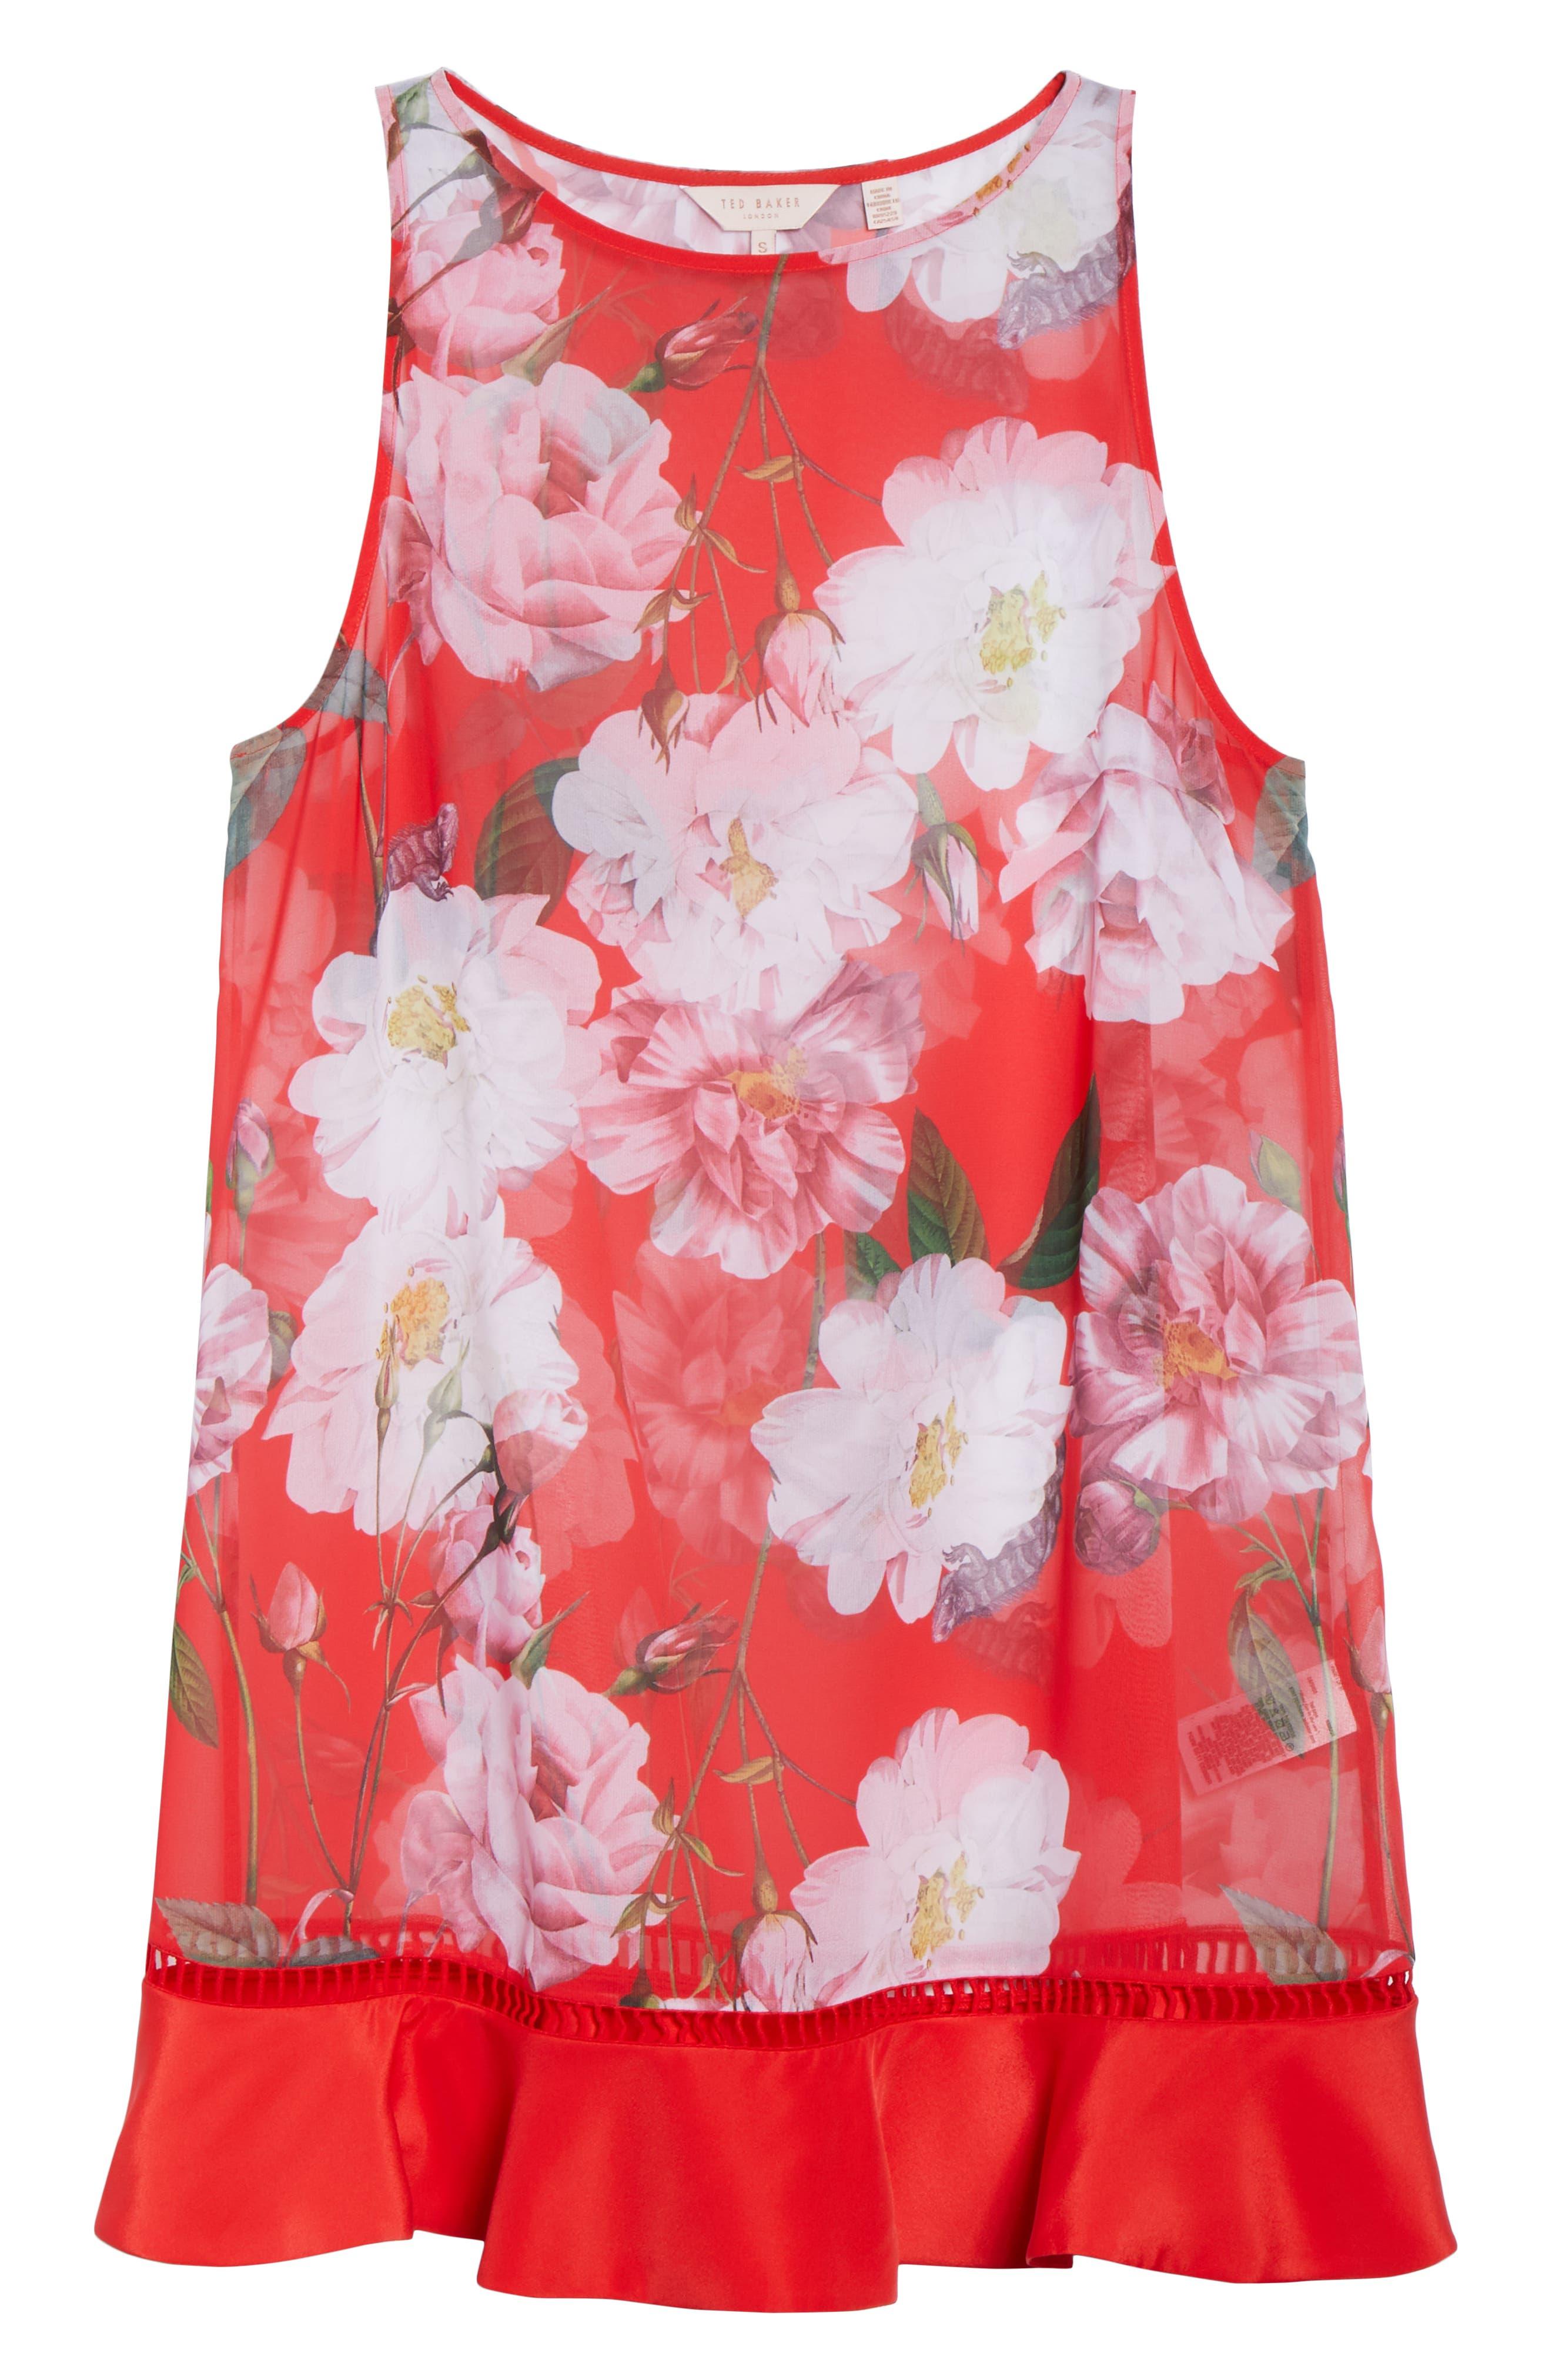 Ceskier Iguazu Cover-Up Dress,                             Alternate thumbnail 6, color,                             611